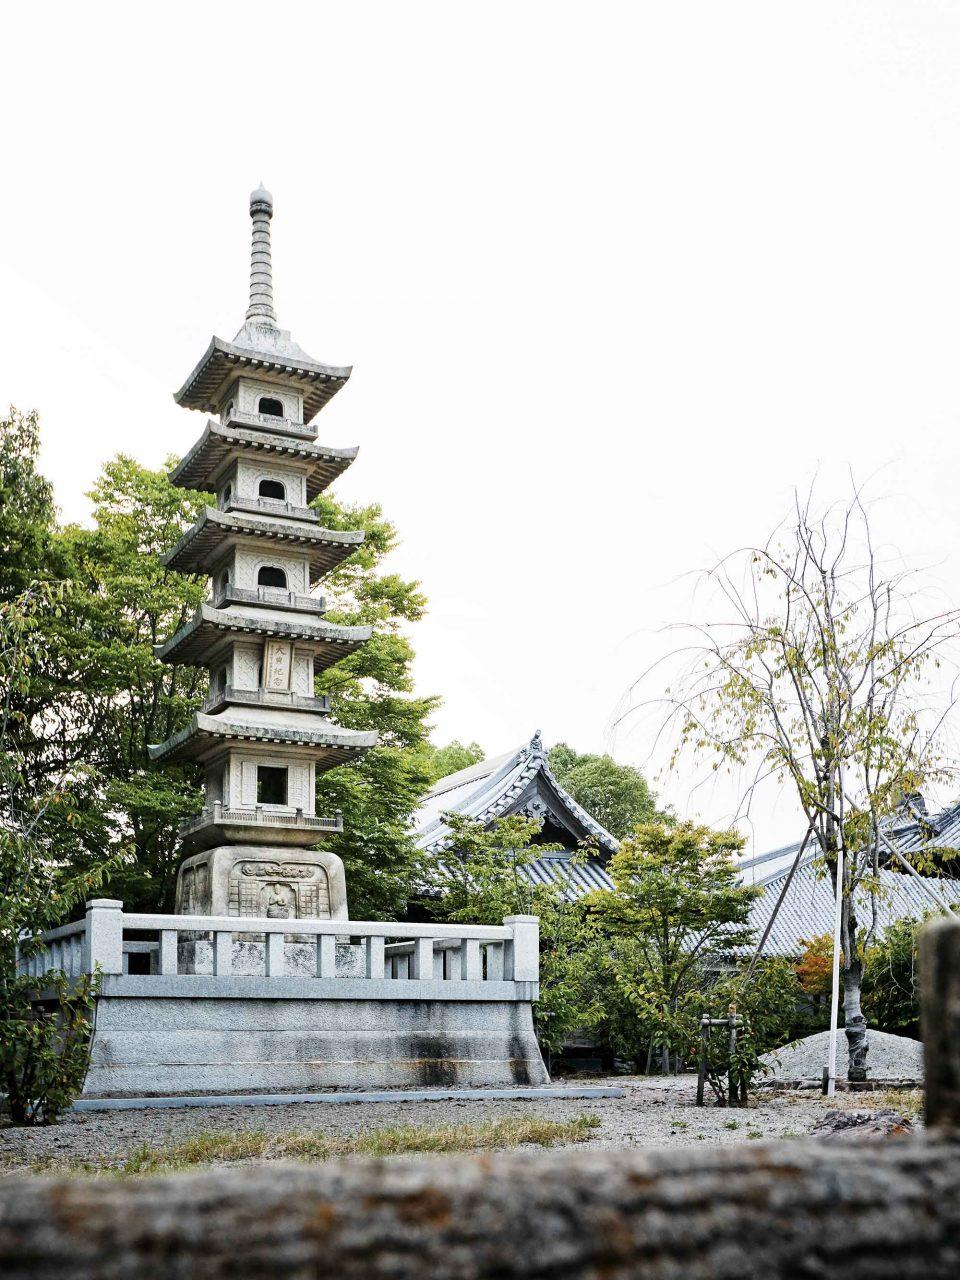 야시마 전망대로 향하는 길에 서 있던 석탑. 고즈넉한 분위기를 자아낸다.